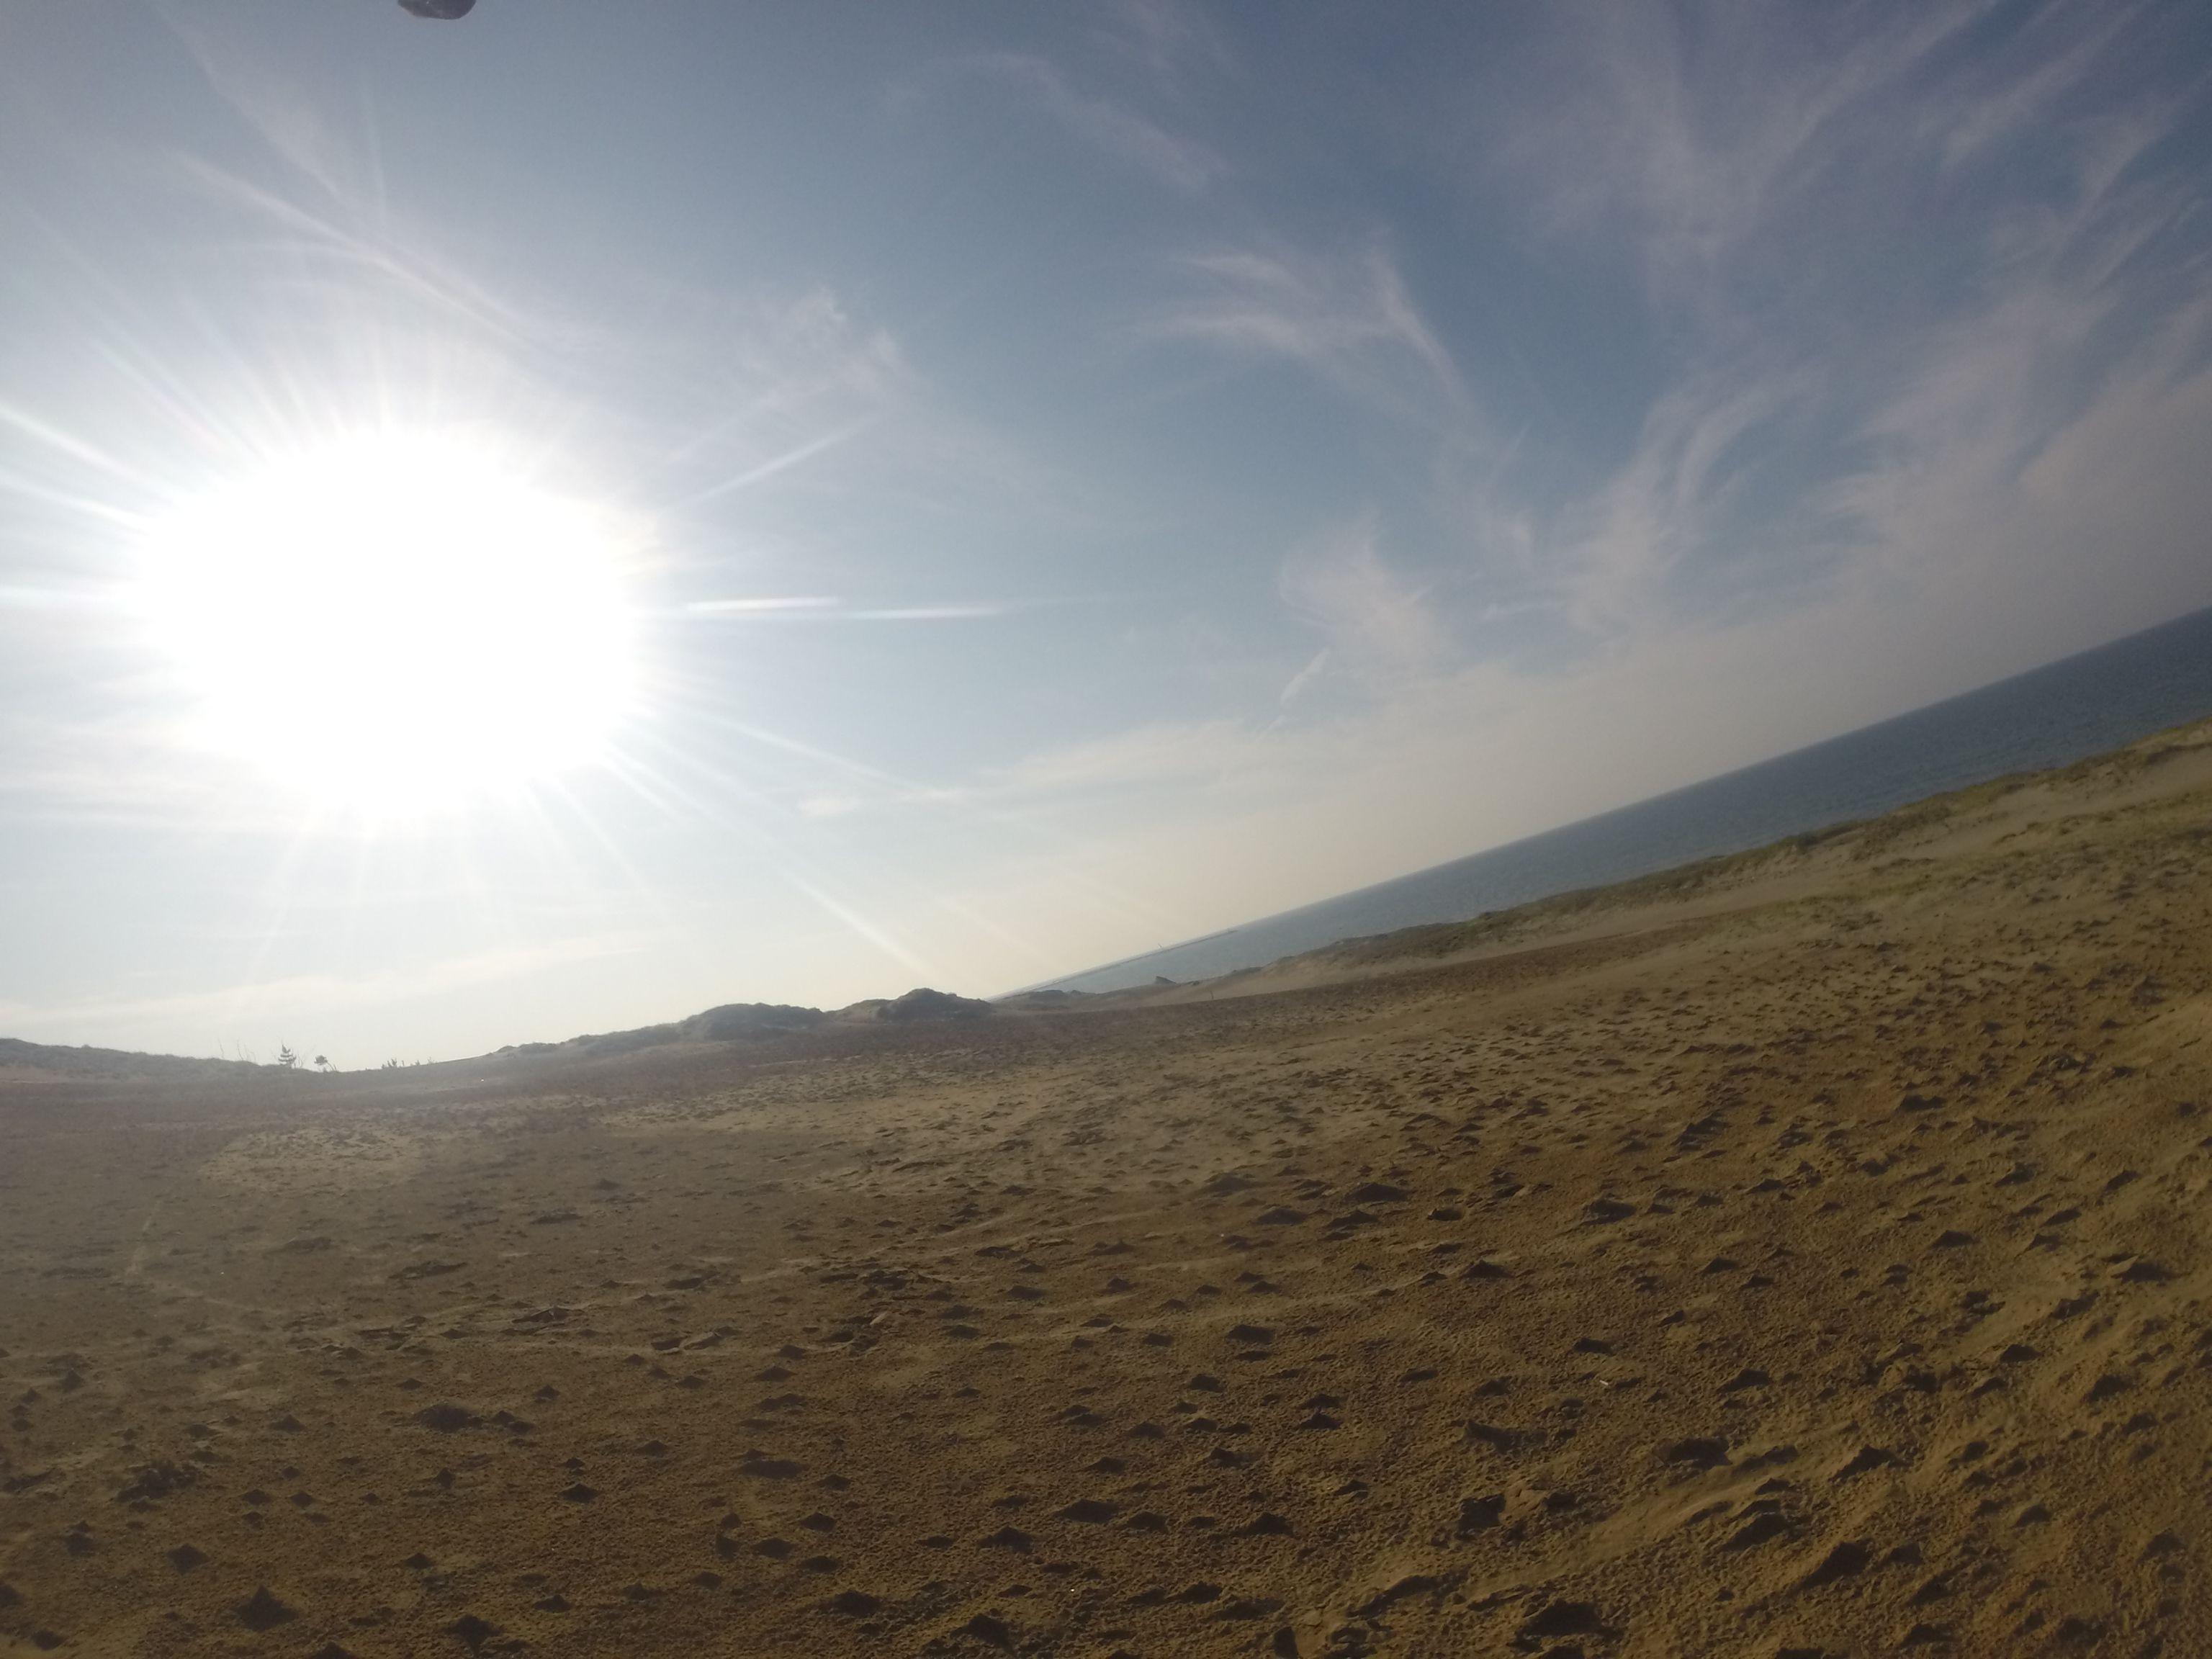 砂丘を照らしだす眩しい太陽